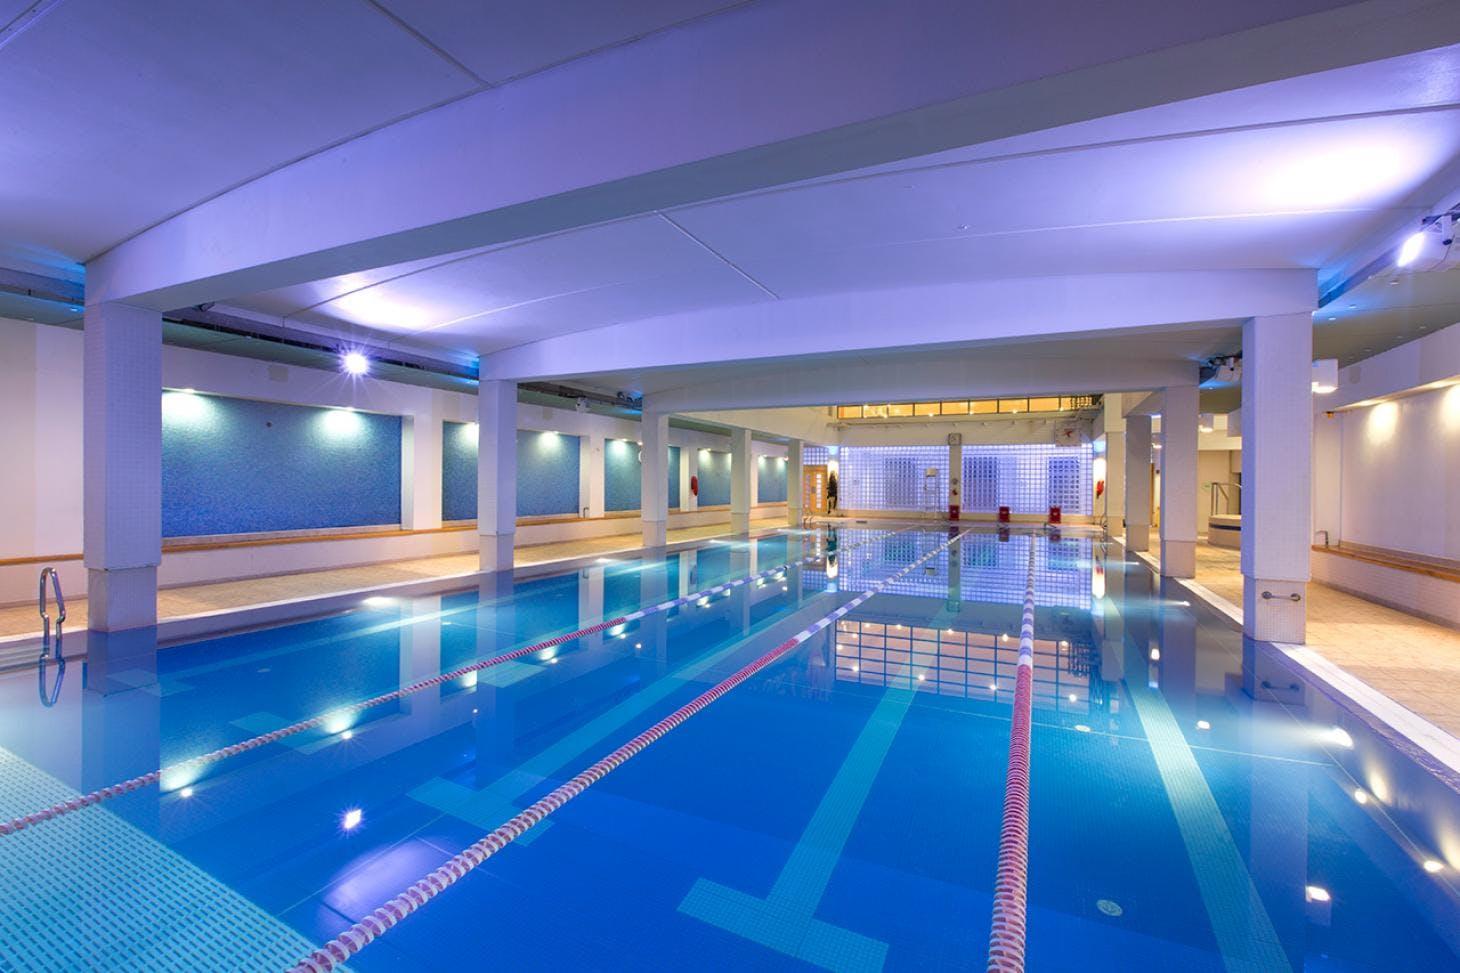 Virgin Active Bromley Indoor swimming pool